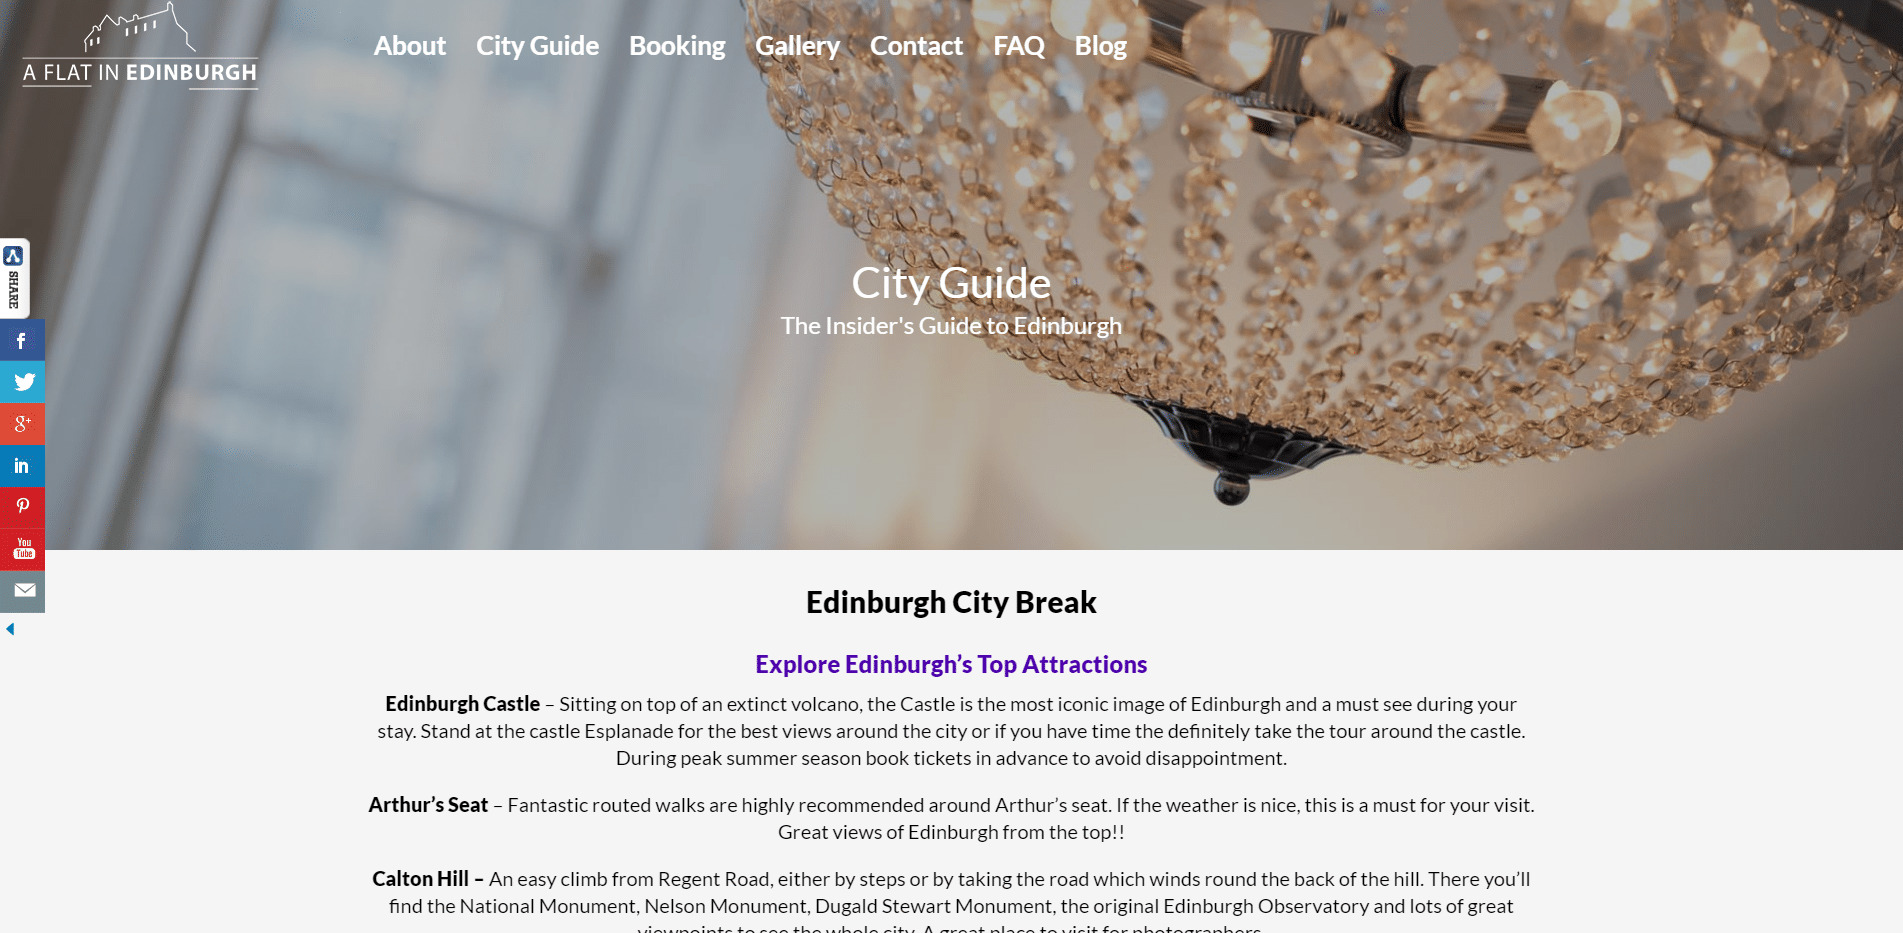 Edinburgh City Guide A Flat in Edinburgh